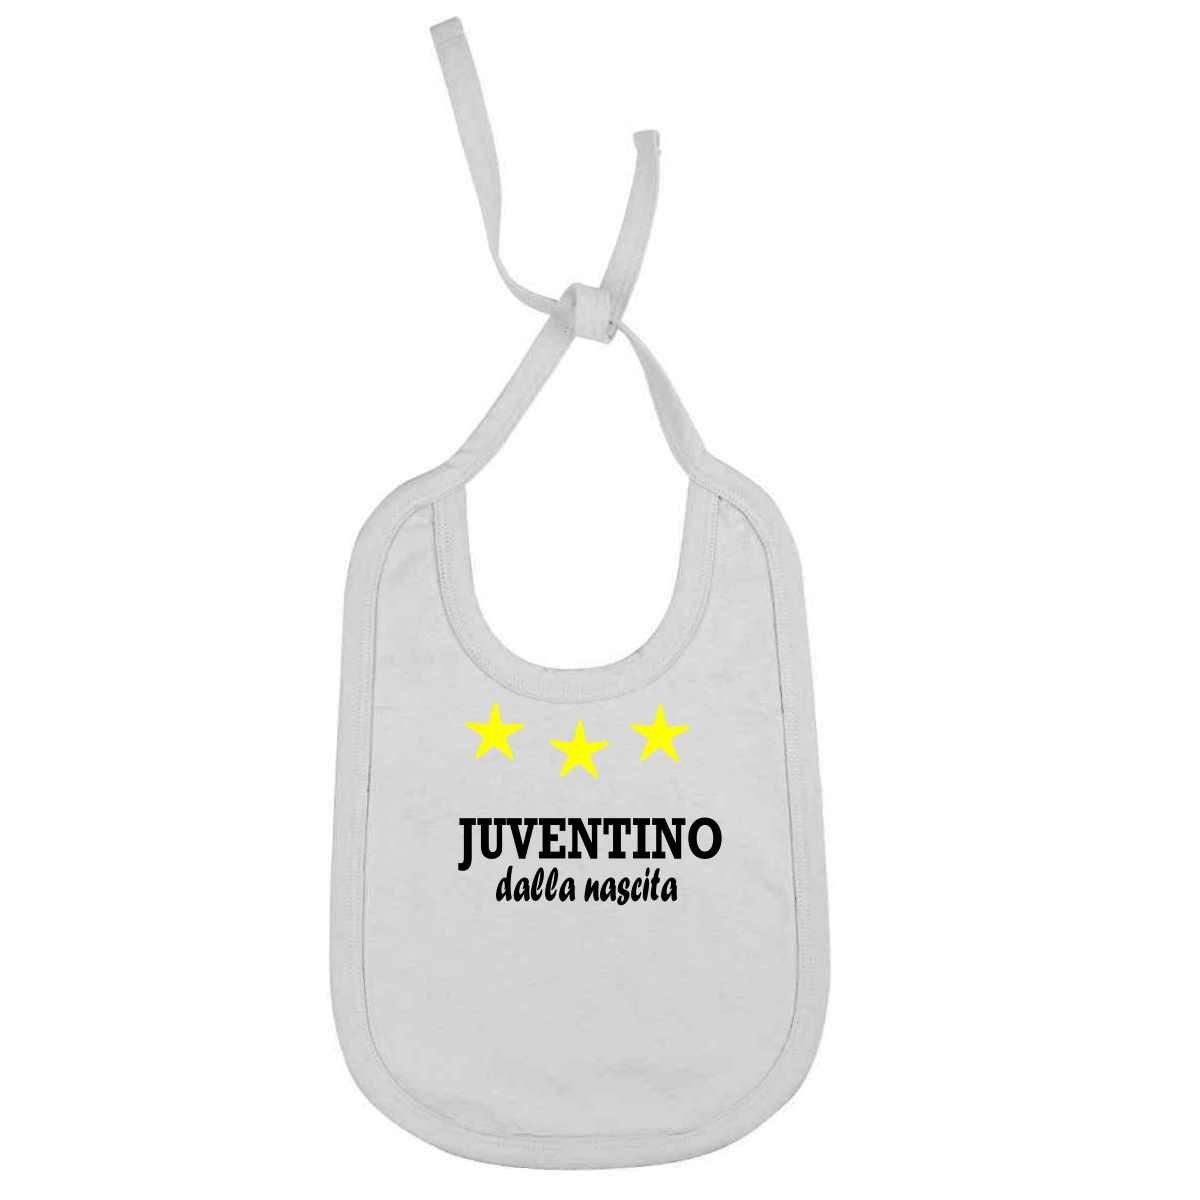 Bavaglino Personalizzato Juventino dalla nascita per piccoli tifosi della juventus juv-BIA01 magicostore